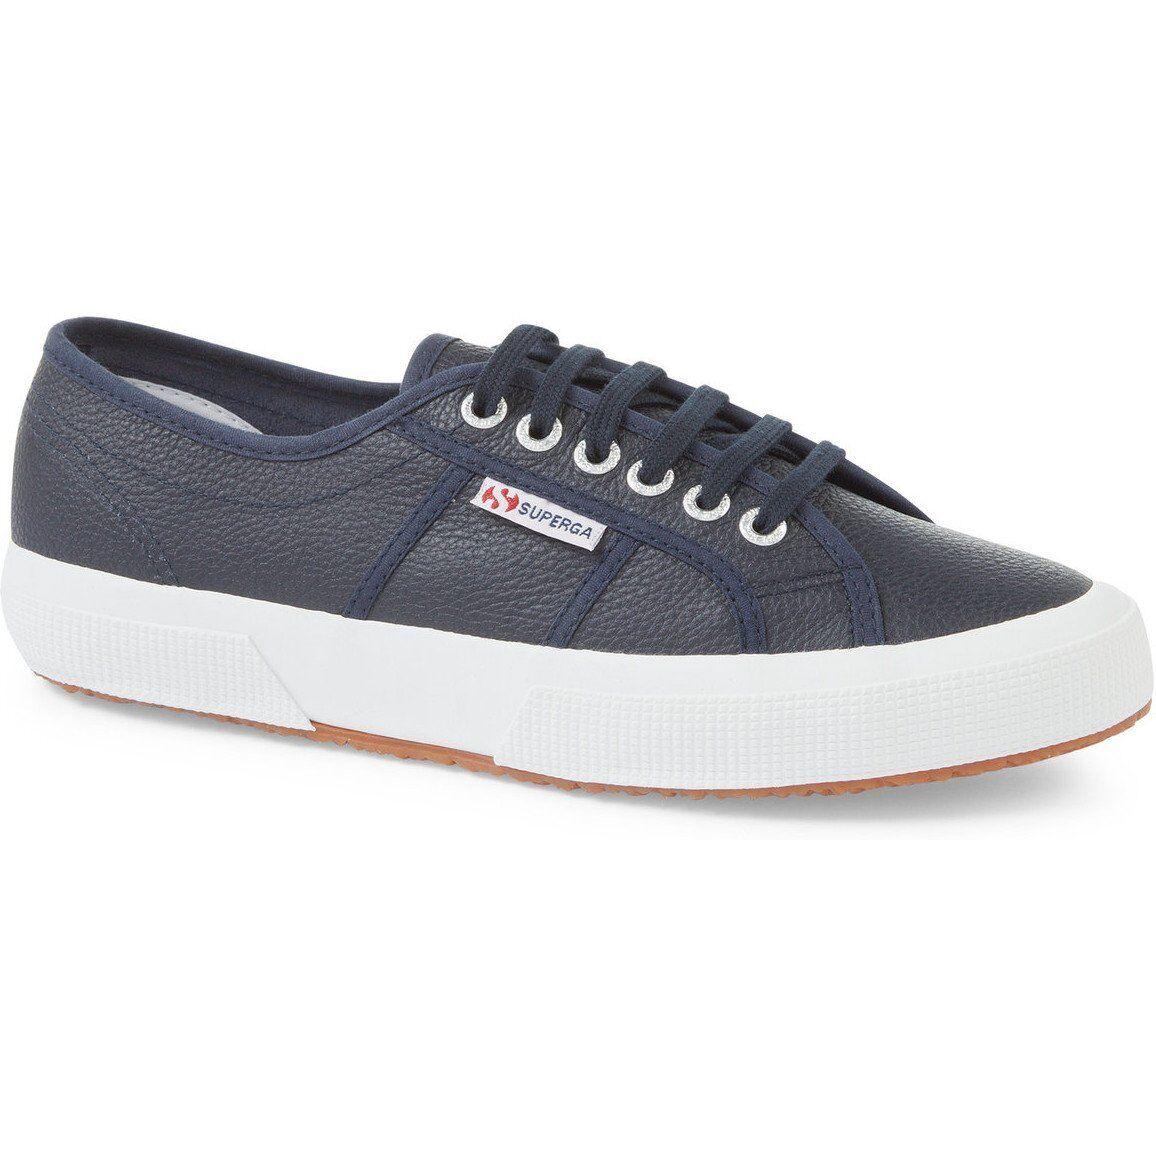 Superga 2750 Efglu Unisex Footwear schuhe - Blau Navy All Größes